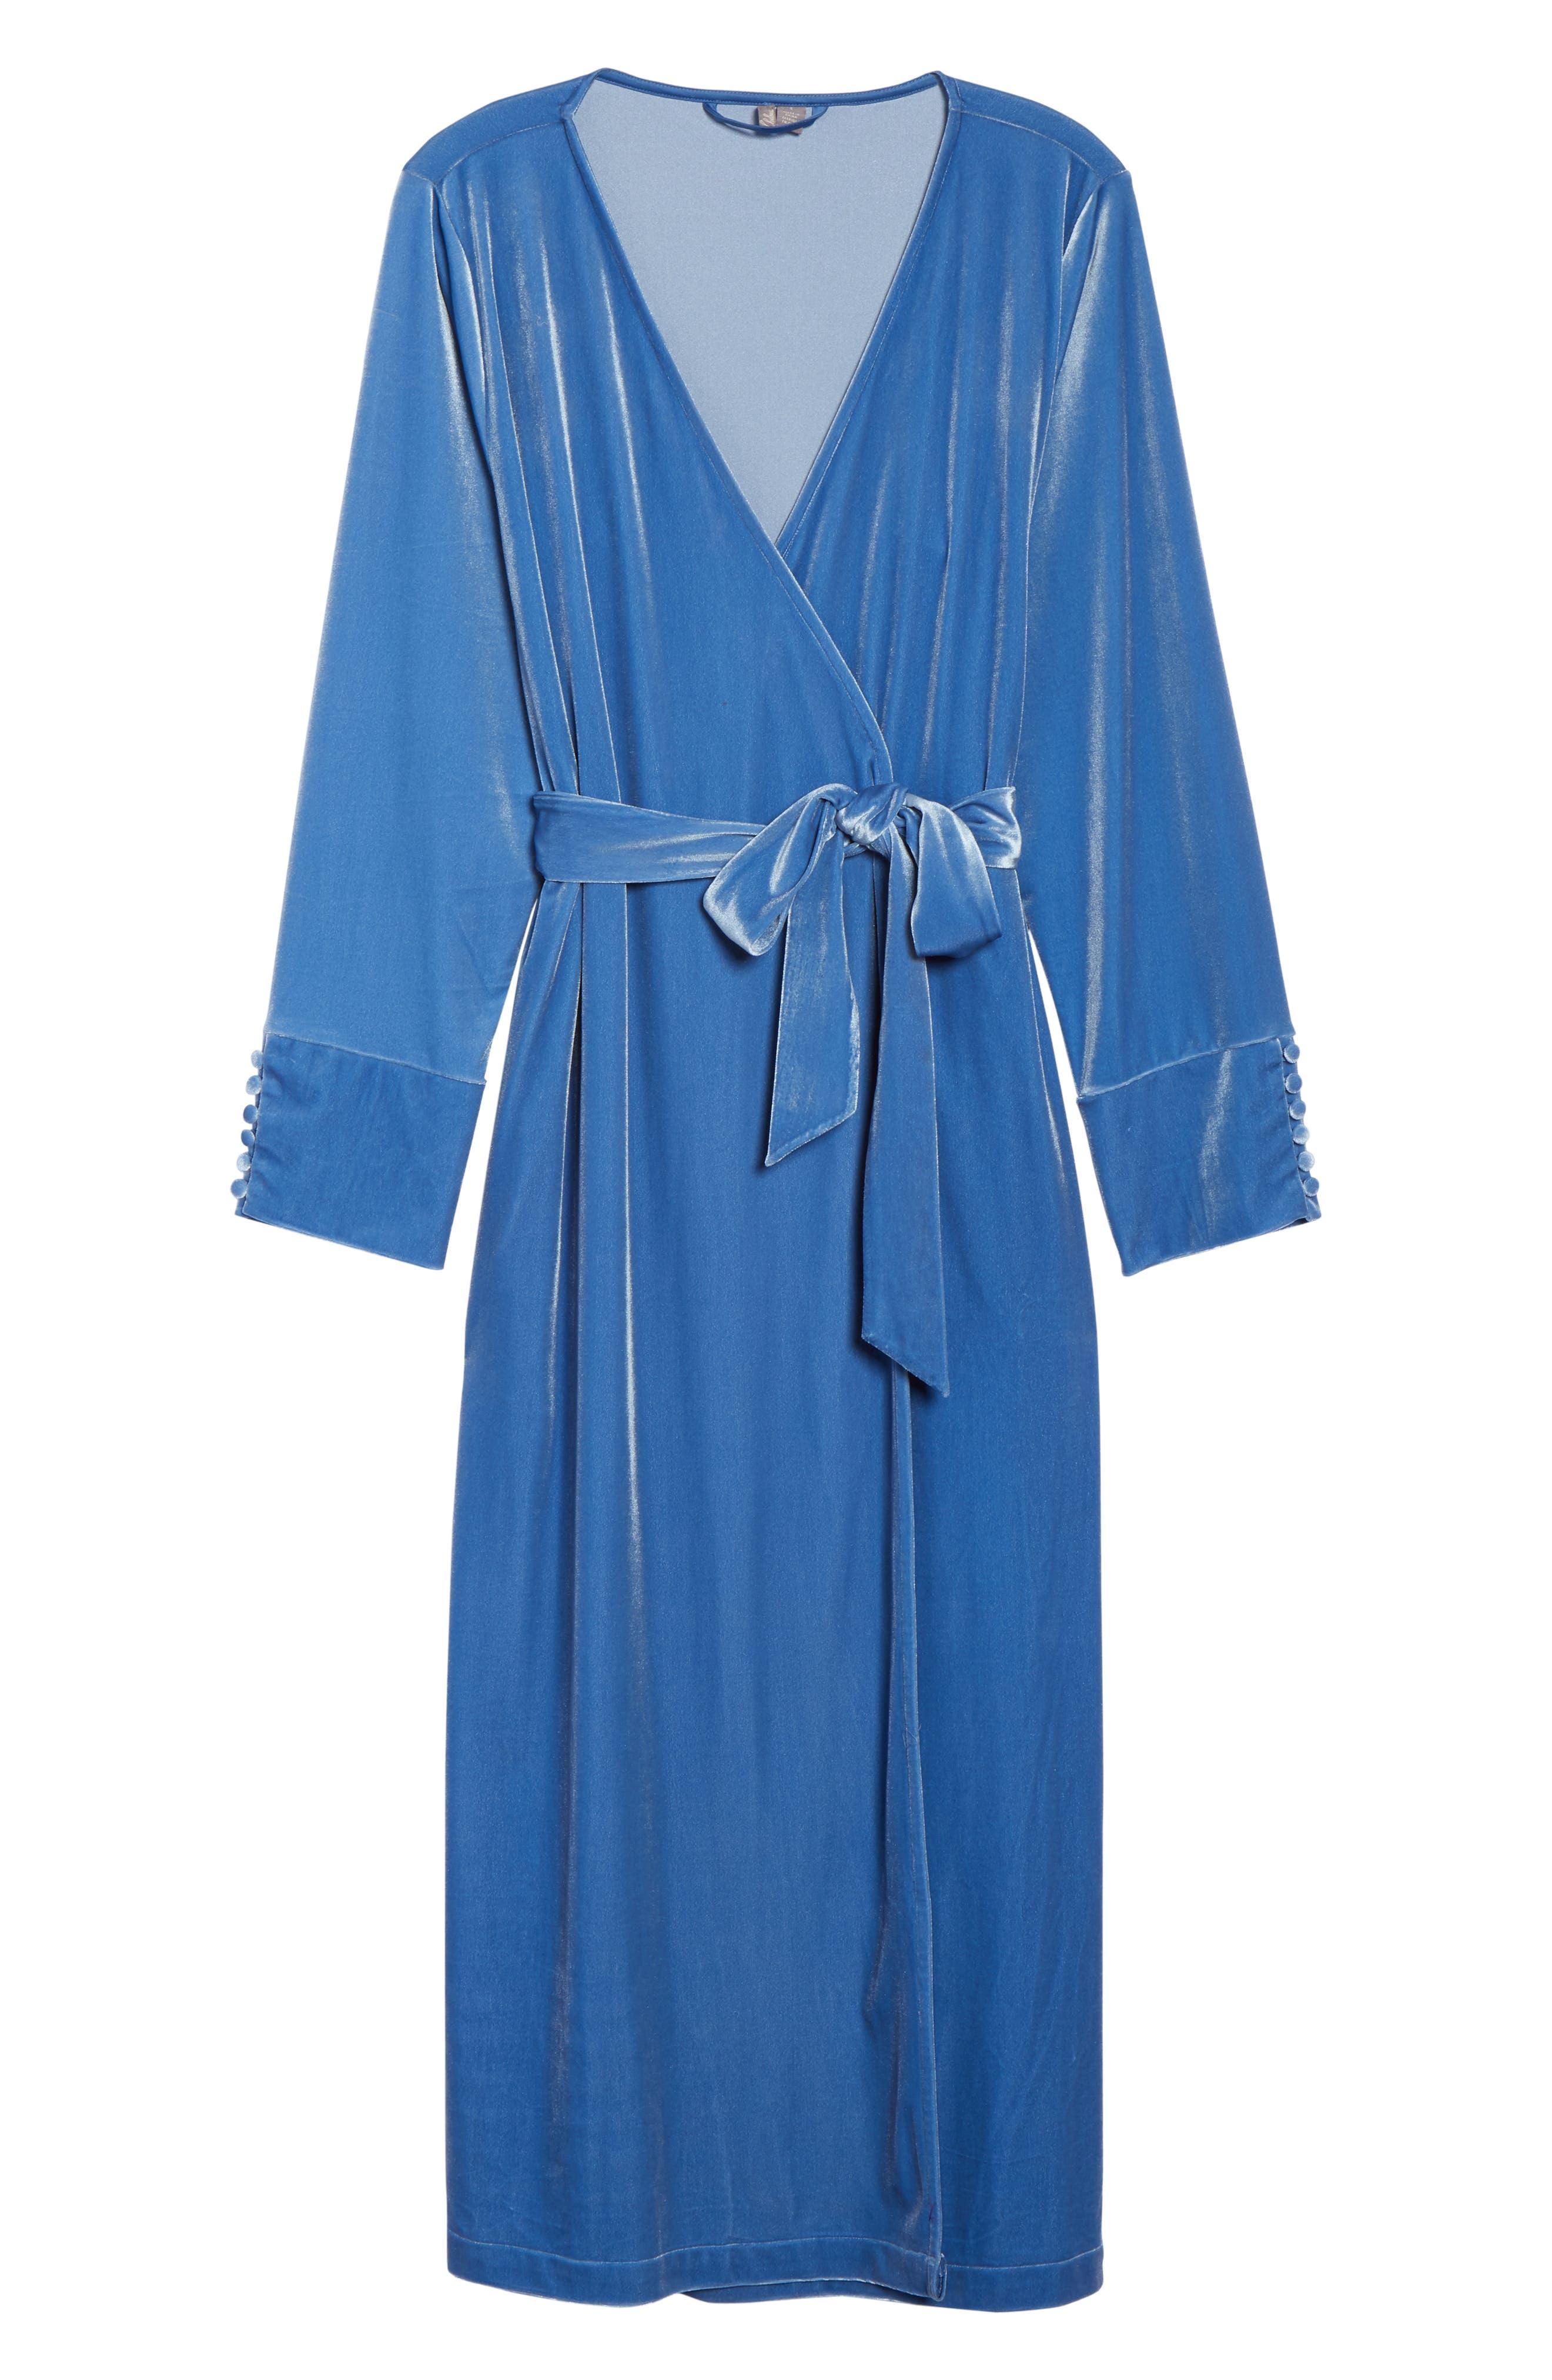 Dream Away Velour Robe,                             Alternate thumbnail 6, color,                             BLUE DELFT